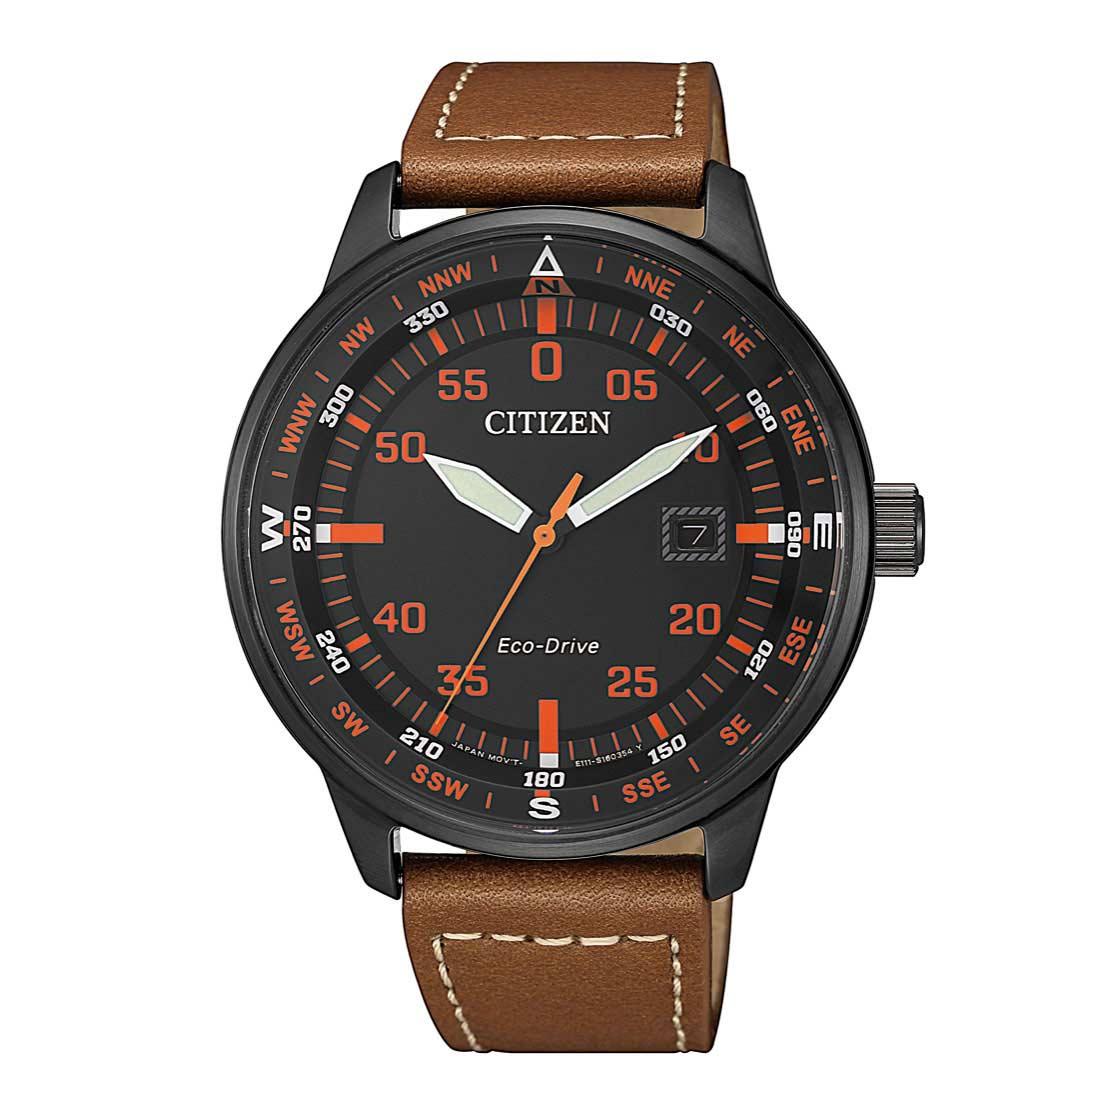 ساعت مچی عقربه ای مردانه سیتی زن مدل BM7395-11E              خرید (⭐️⭐️⭐️)